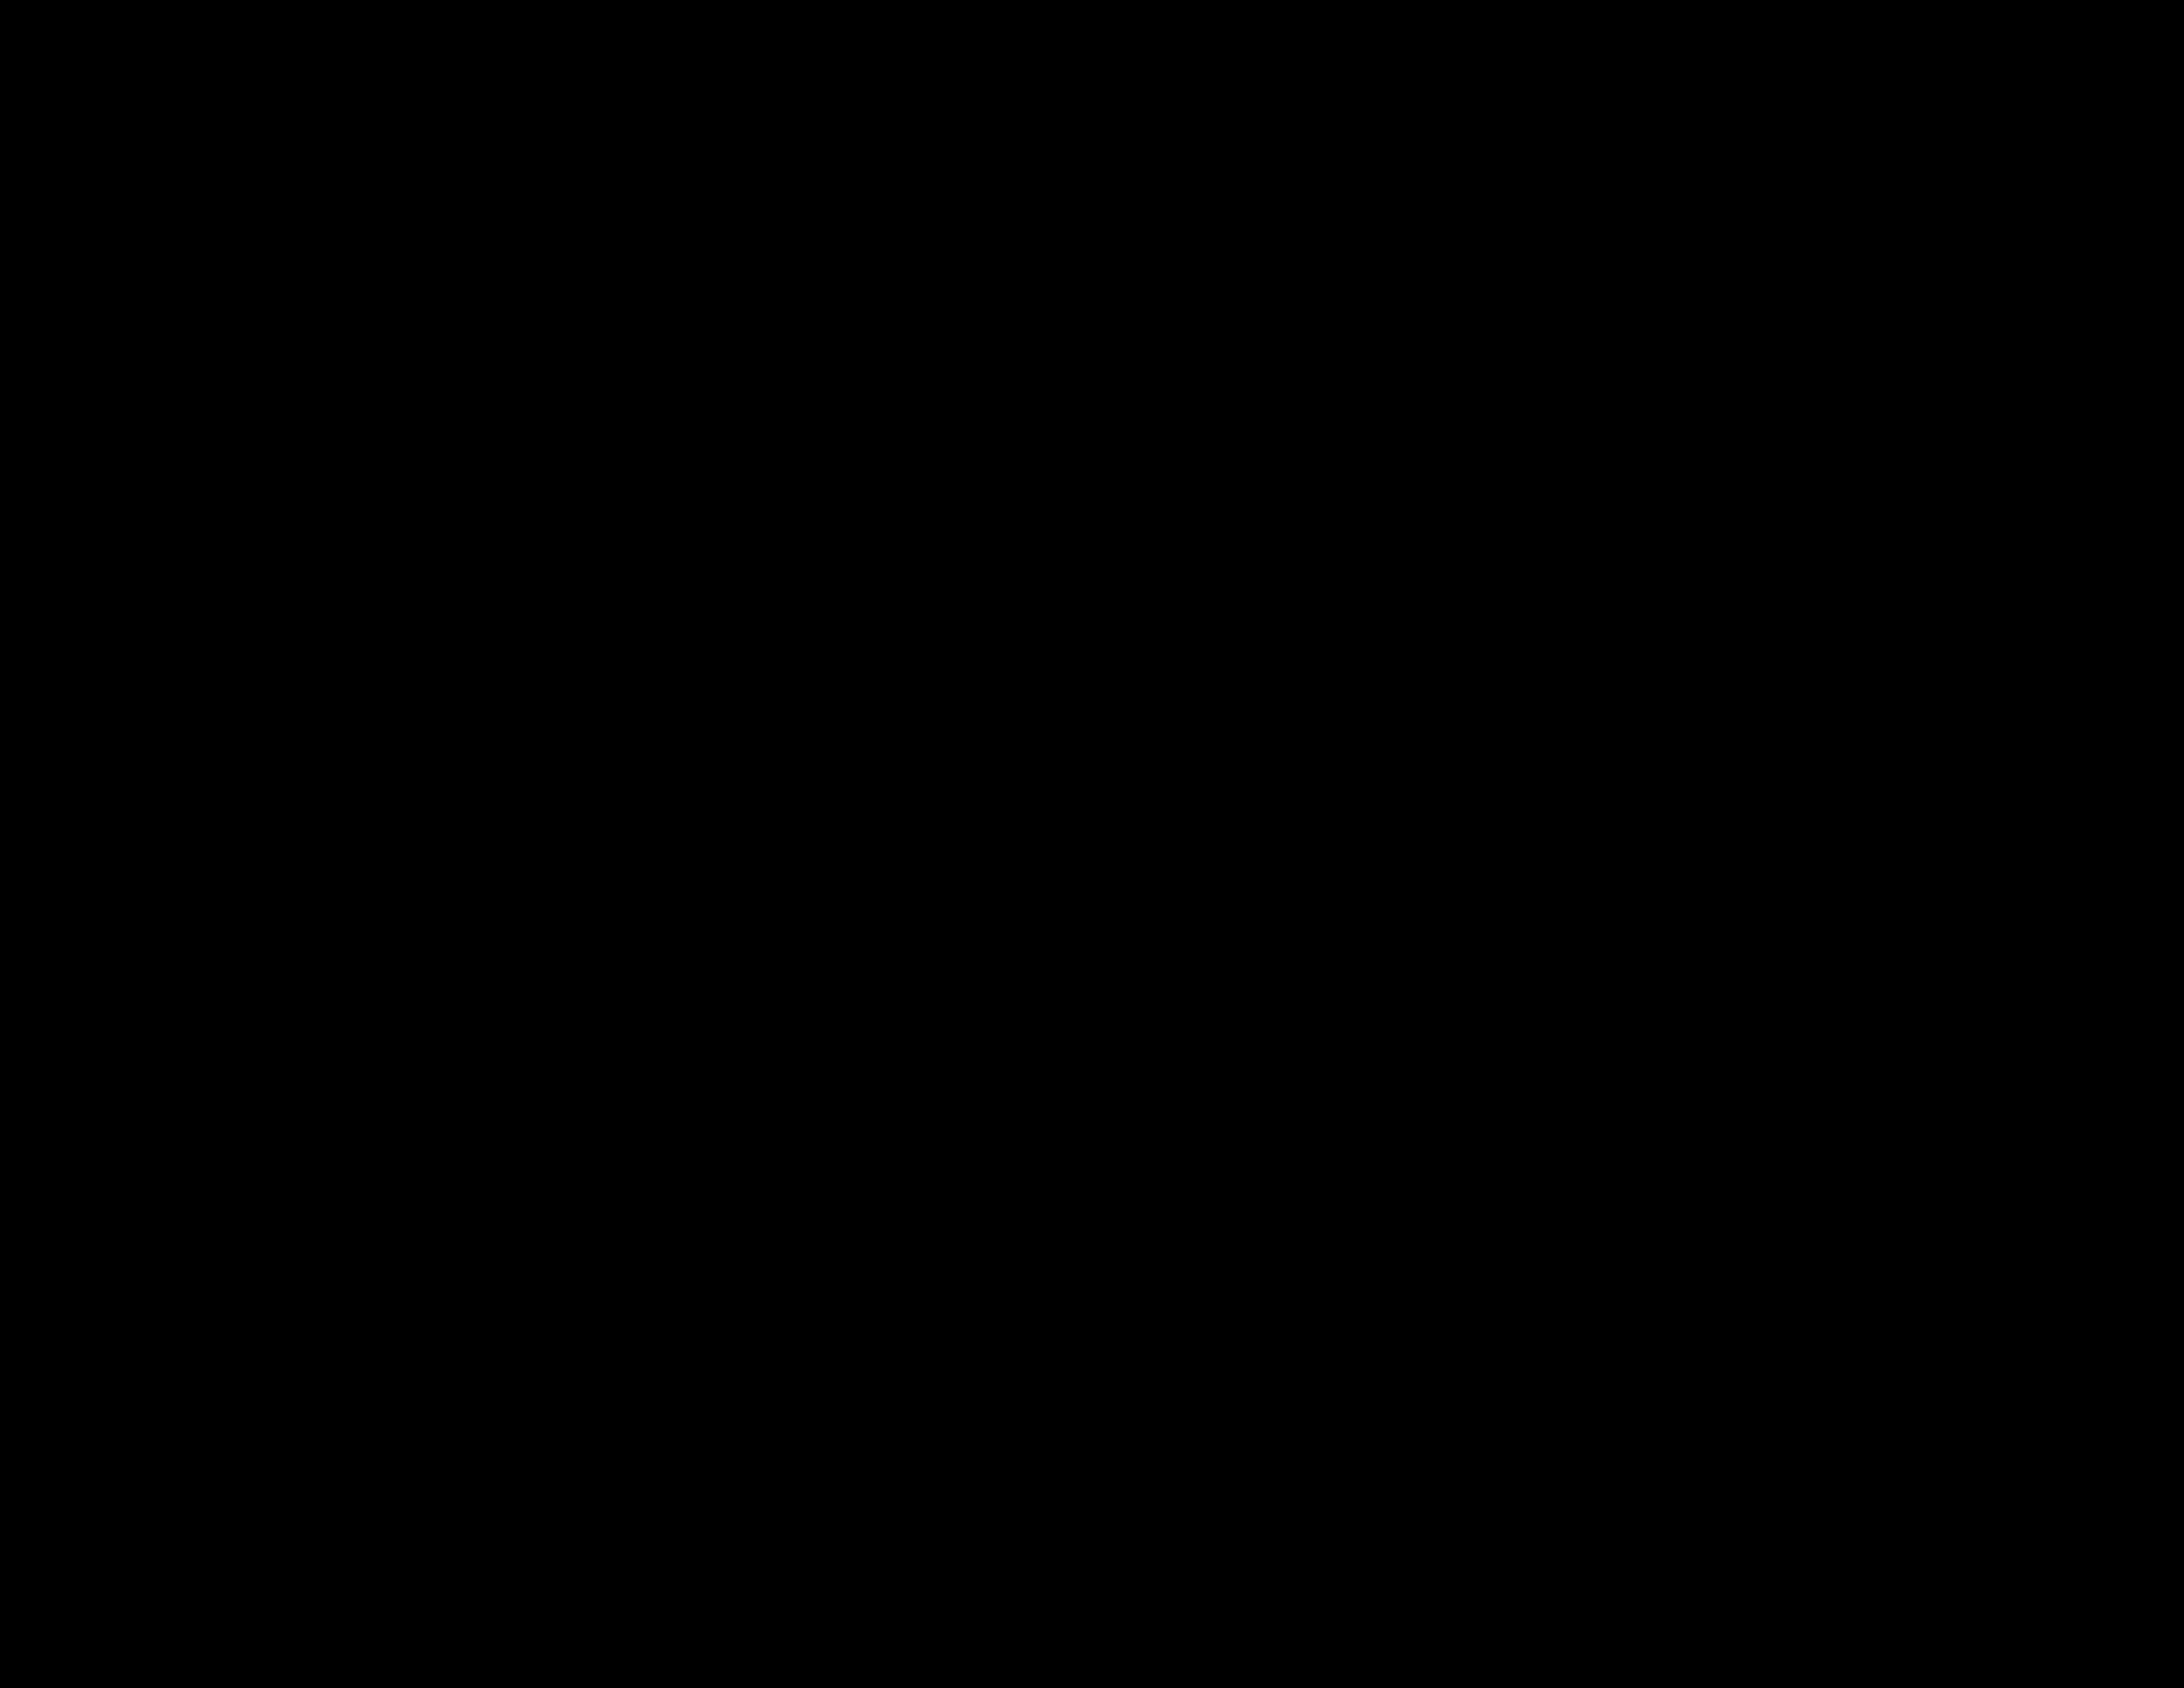 Acuáticos - Acerca de Acuáticos: la natación es uno de los deportes más populares en el mundo. A diferencia de otros deportes, la natación es una habilidad de la vida que se enseña, primero, para garantizar la seguridad y, en segundo lugar, para fines deportivos y de competencia. Los productos acuáticos cubren una gran variedad de habilidades de natación, desde sprints cortos hasta eventos y relevos más largos.Diferencias de Acuáticos de Olimpiadas Especiales: El Árbitro d tiene la discreción de permitir ciertas modificaciones / interpretaciones de las reglas técnicas actuales de Acuáticos. Estar de pie en el fondo de la piscina durante los eventos de estilo libre o durante la parte de estilo libre de los eventos no debe descalificar a un competidor, pero no debe caminar. Los auxiliares principiantes pueden ayudar al nadador durante el inicio si el nadador tiene problemas de audición o visión.Eventos para la competencia: Special Olympics ofrece más de 41 eventos acuáticos! Estas competiciones varían en distancia, tipo de golpe, formato de equipo individual v., Y retransmisiónDivisión en Olimpiadas Especiales: los atletas de todos los deportes y eventos se agrupan por edad, sexo y capacidad, dando a todos la oportunidad de ganar. En Olimpiadas Especiales no hay récords mundiales porque cada atleta, ya sea en la división más rápida o más lenta, se valora y reconoce por igual. En cada división, todos los atletas reciben un premio, desde medallas de oro, plata y bronce, hasta cintas de cuarto a octavo lugar. Esta idea de agrupaciones de igual capacidad es la base de la competencia en Olimpiadas Especiales y se puede presenciar en cualquier evento, ya sea atletismo, deportes acuáticos, tenis de mesa, fútbol, squí o gimnasia. Todos los atletas tienen las mismas oportunidades de participar, actuar y ser reconocidos por sus mejores compañeros de equipo, familiares, amigos y fanáticos.